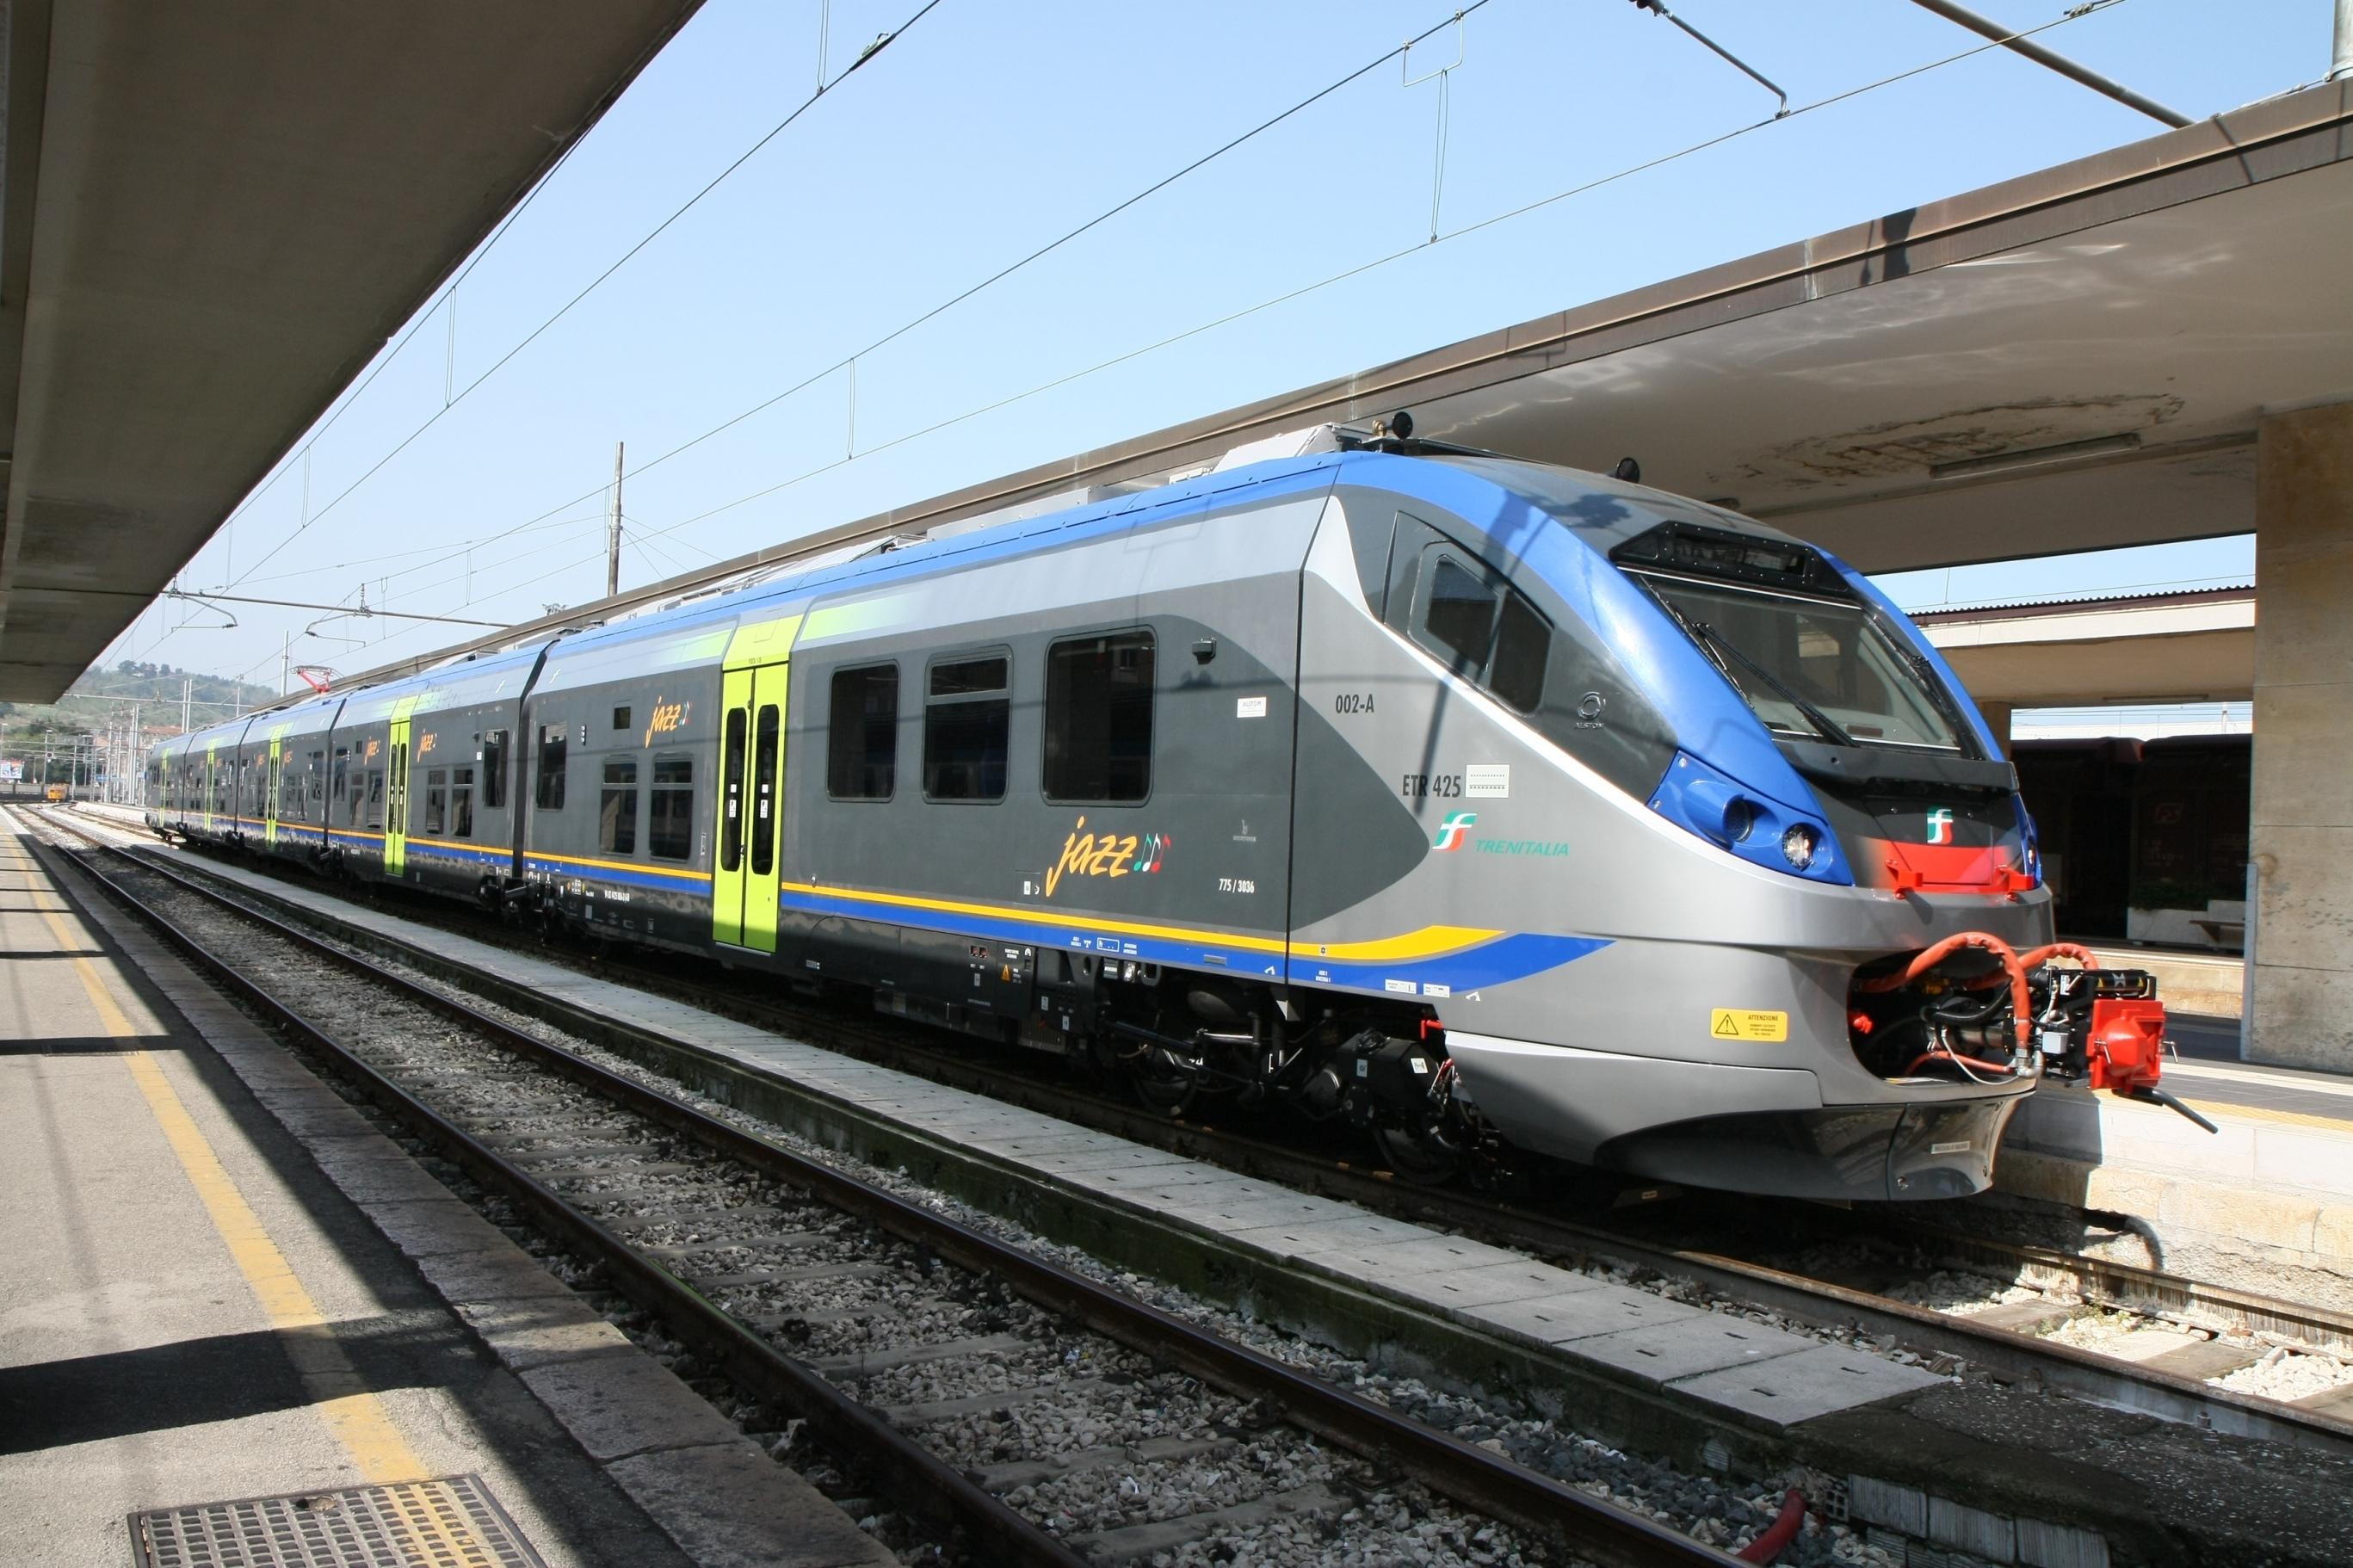 L'Etr425 Jazz realizzato da Alstom per Trenitalia Foto Alstom/Bartolomei Paolo